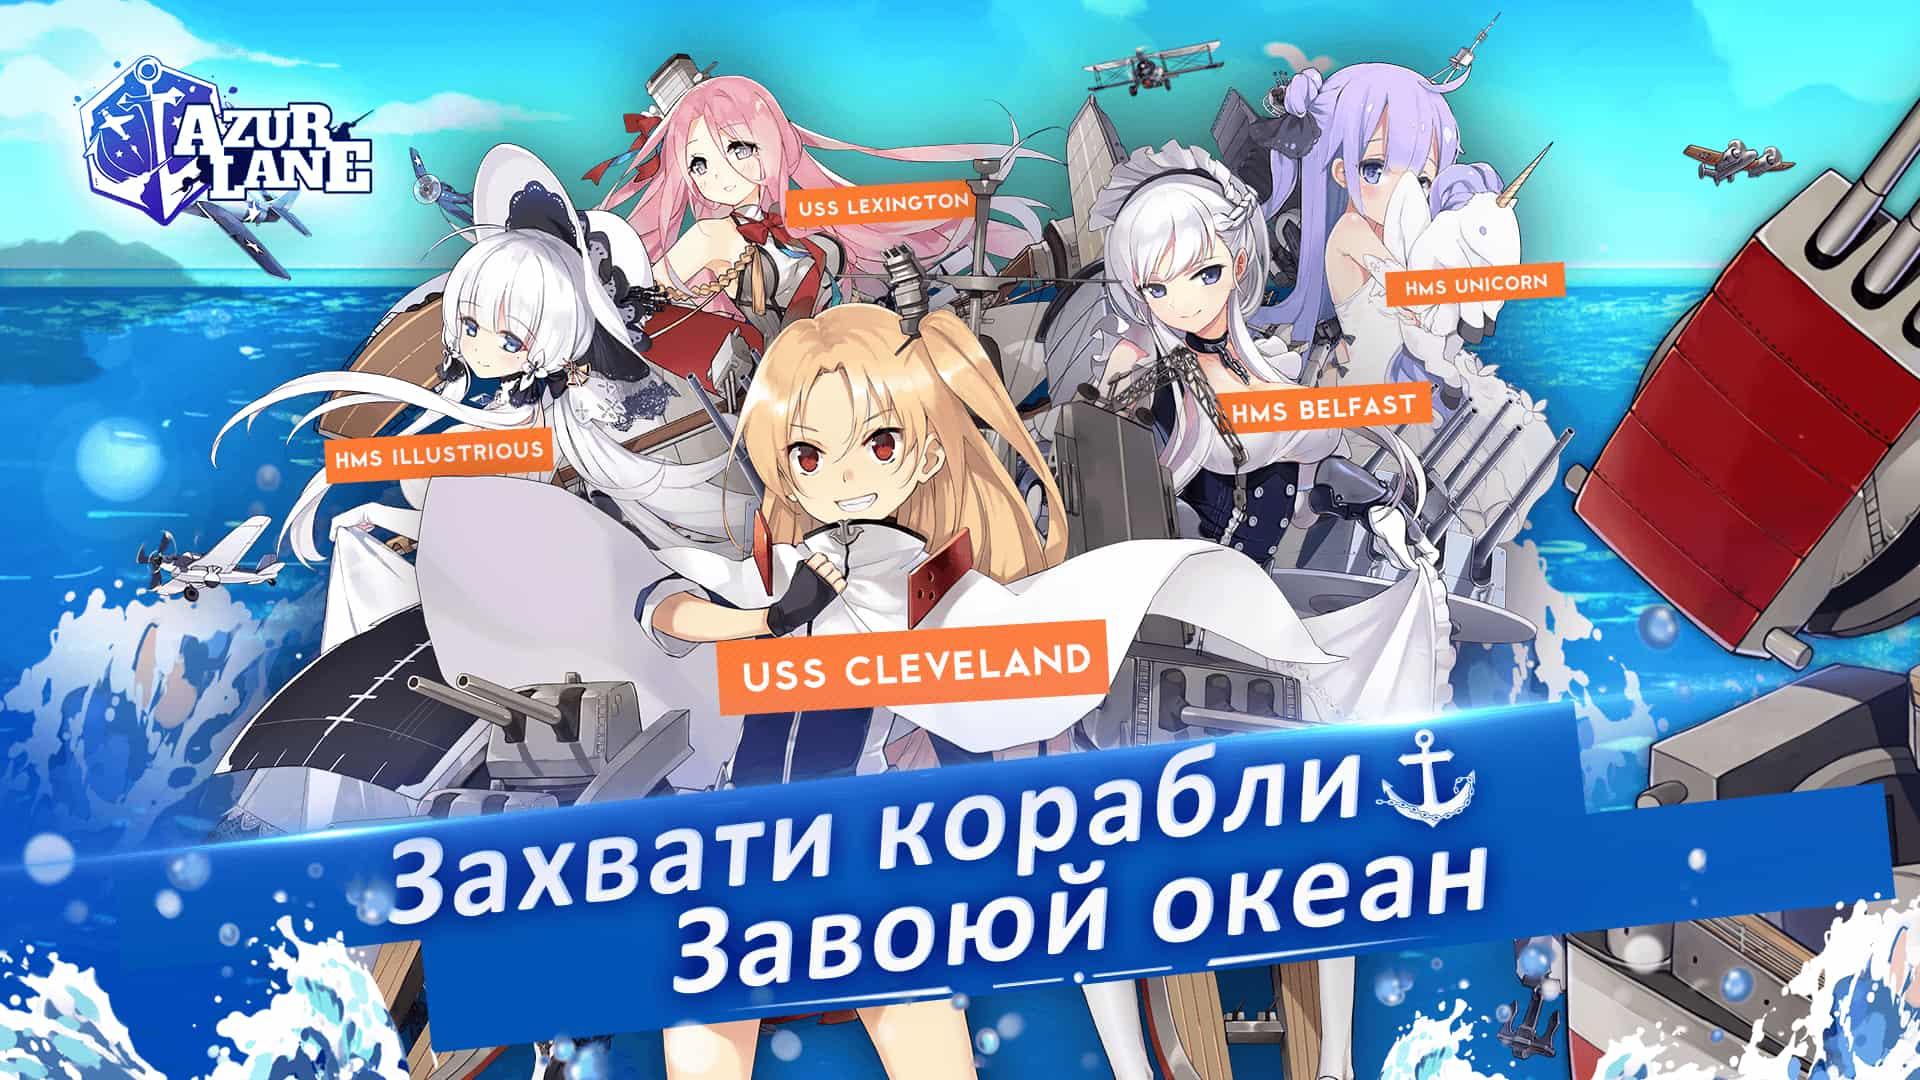 LDPlayer 3.59 - Скачать на ПК бесплатно